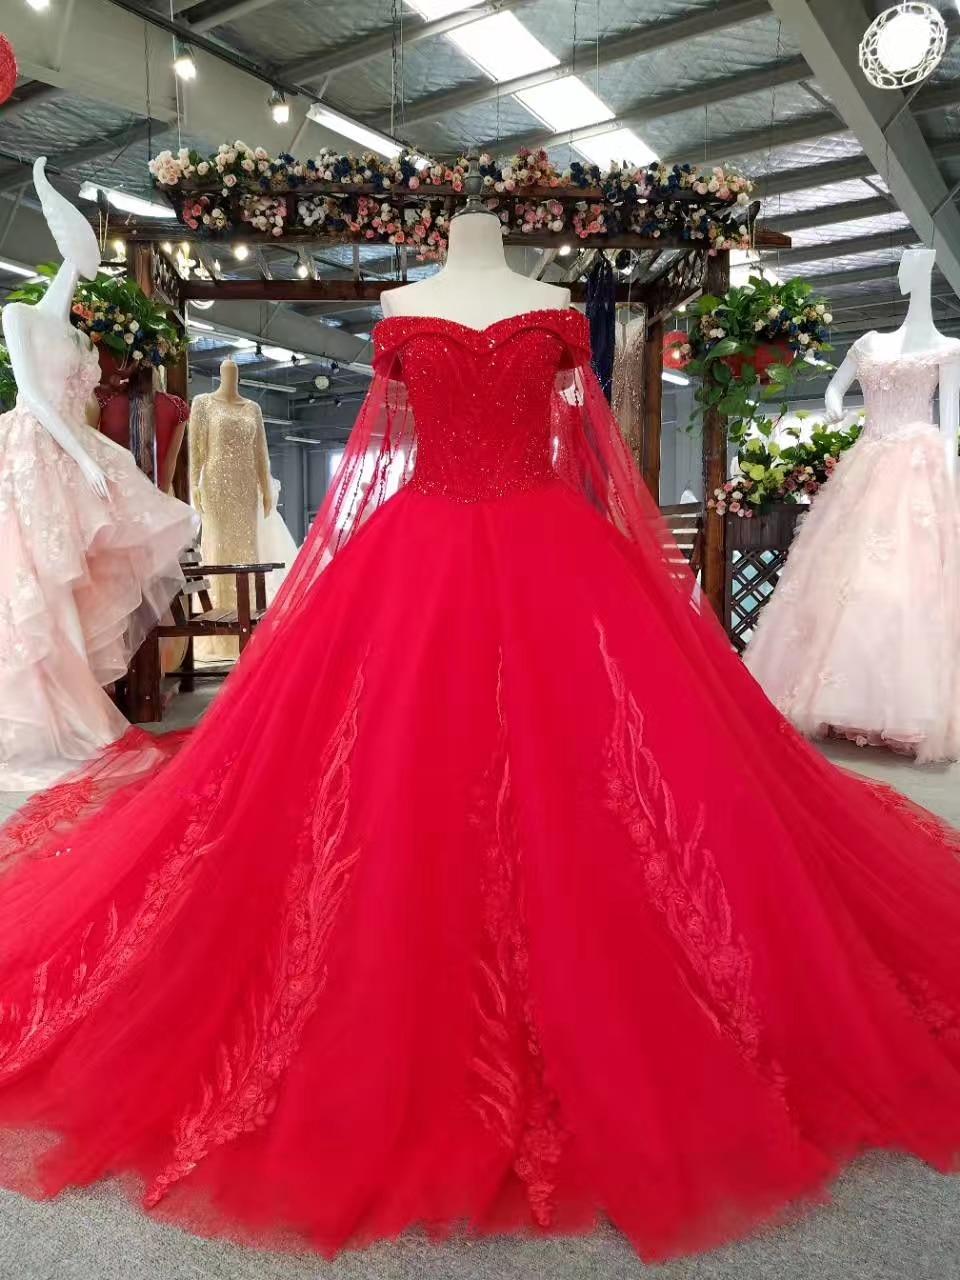 Ny Arrival Elegant A-Line Spets Sequins Bröllopsklänning 2017 - Bröllopsklänningar - Foto 4